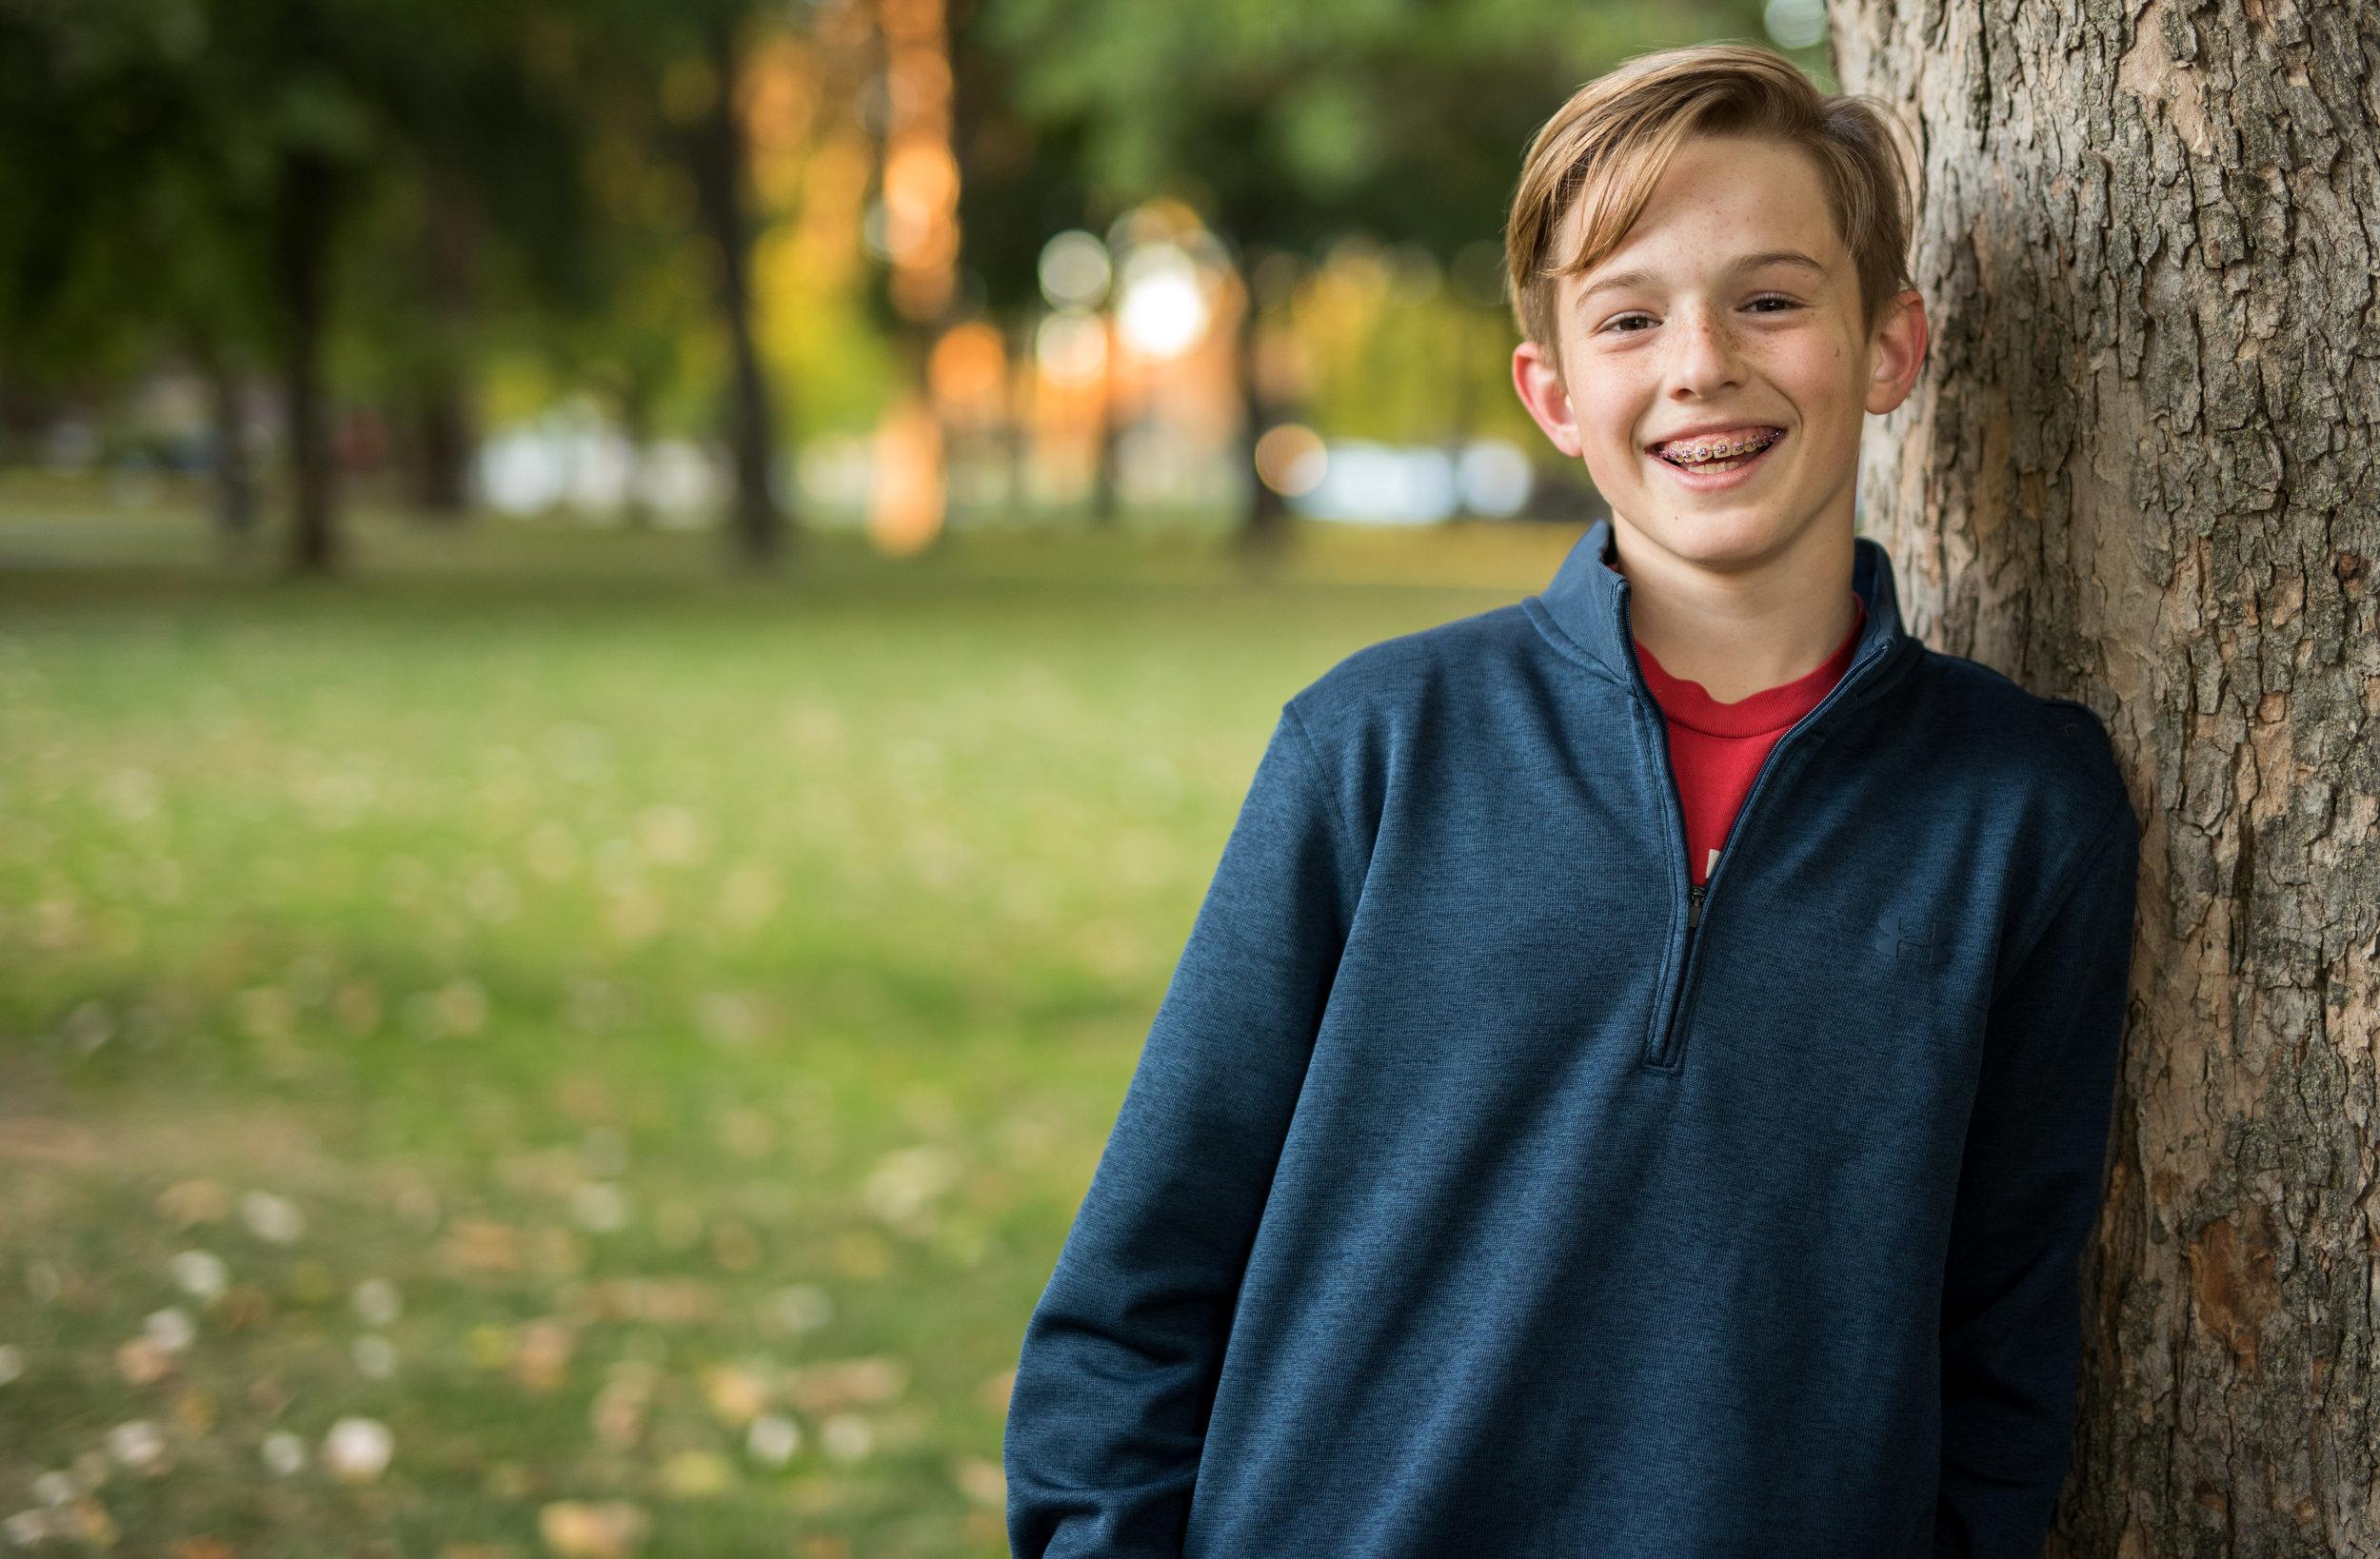 kid smiling at camera coeur d alene idaho